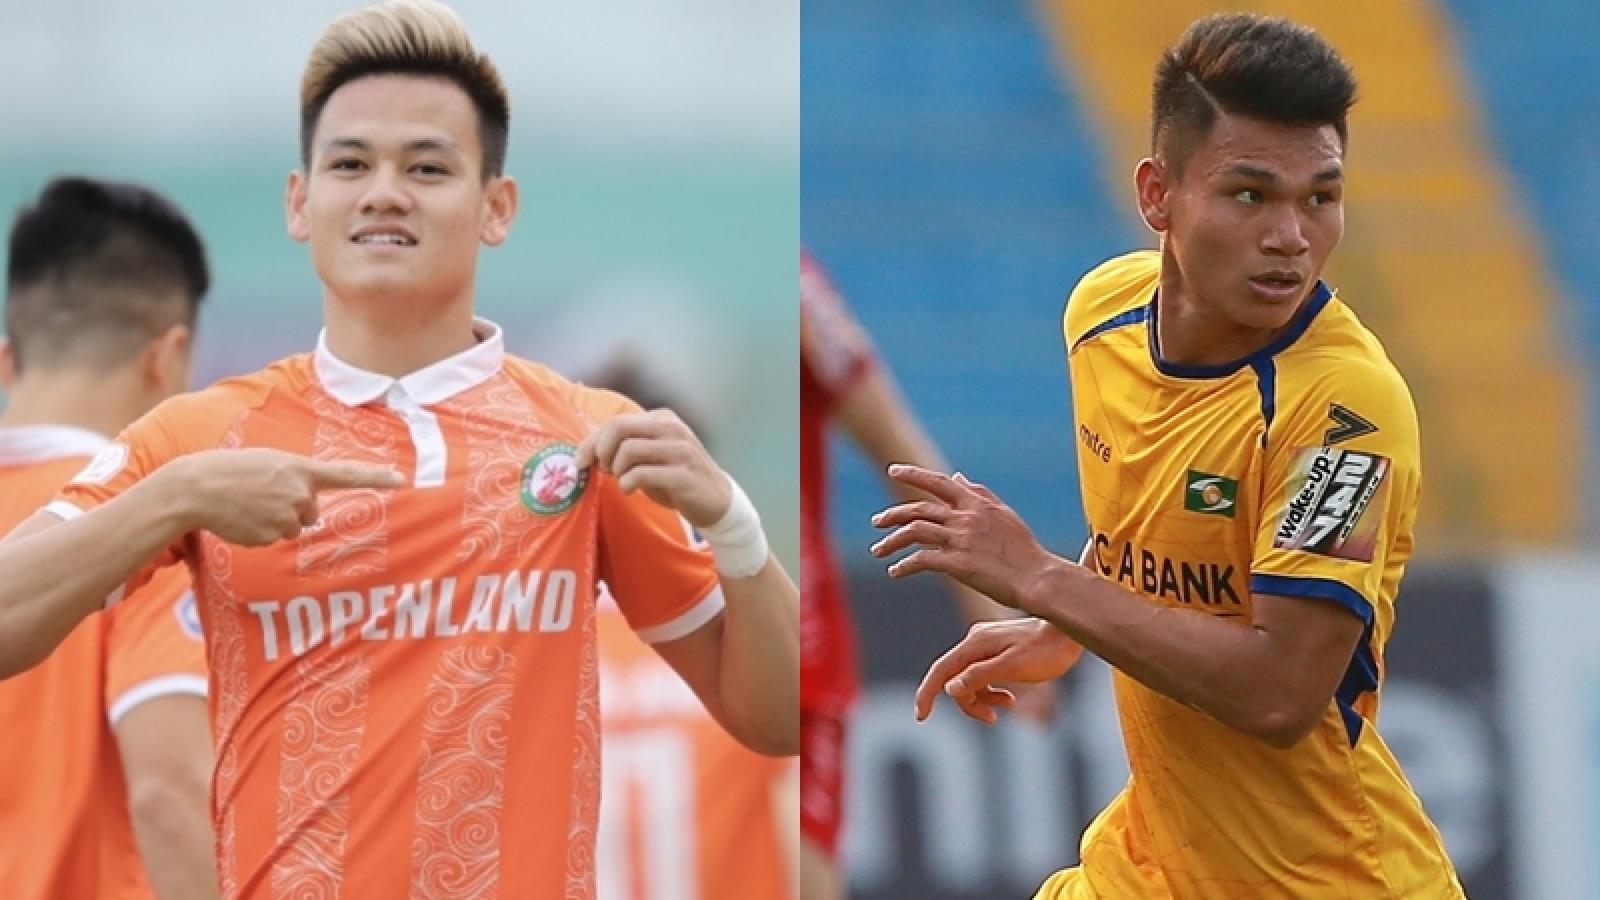 2 học trò cưng của HLV Park Hang Seo bị treo giò ở vòng 5 V-League